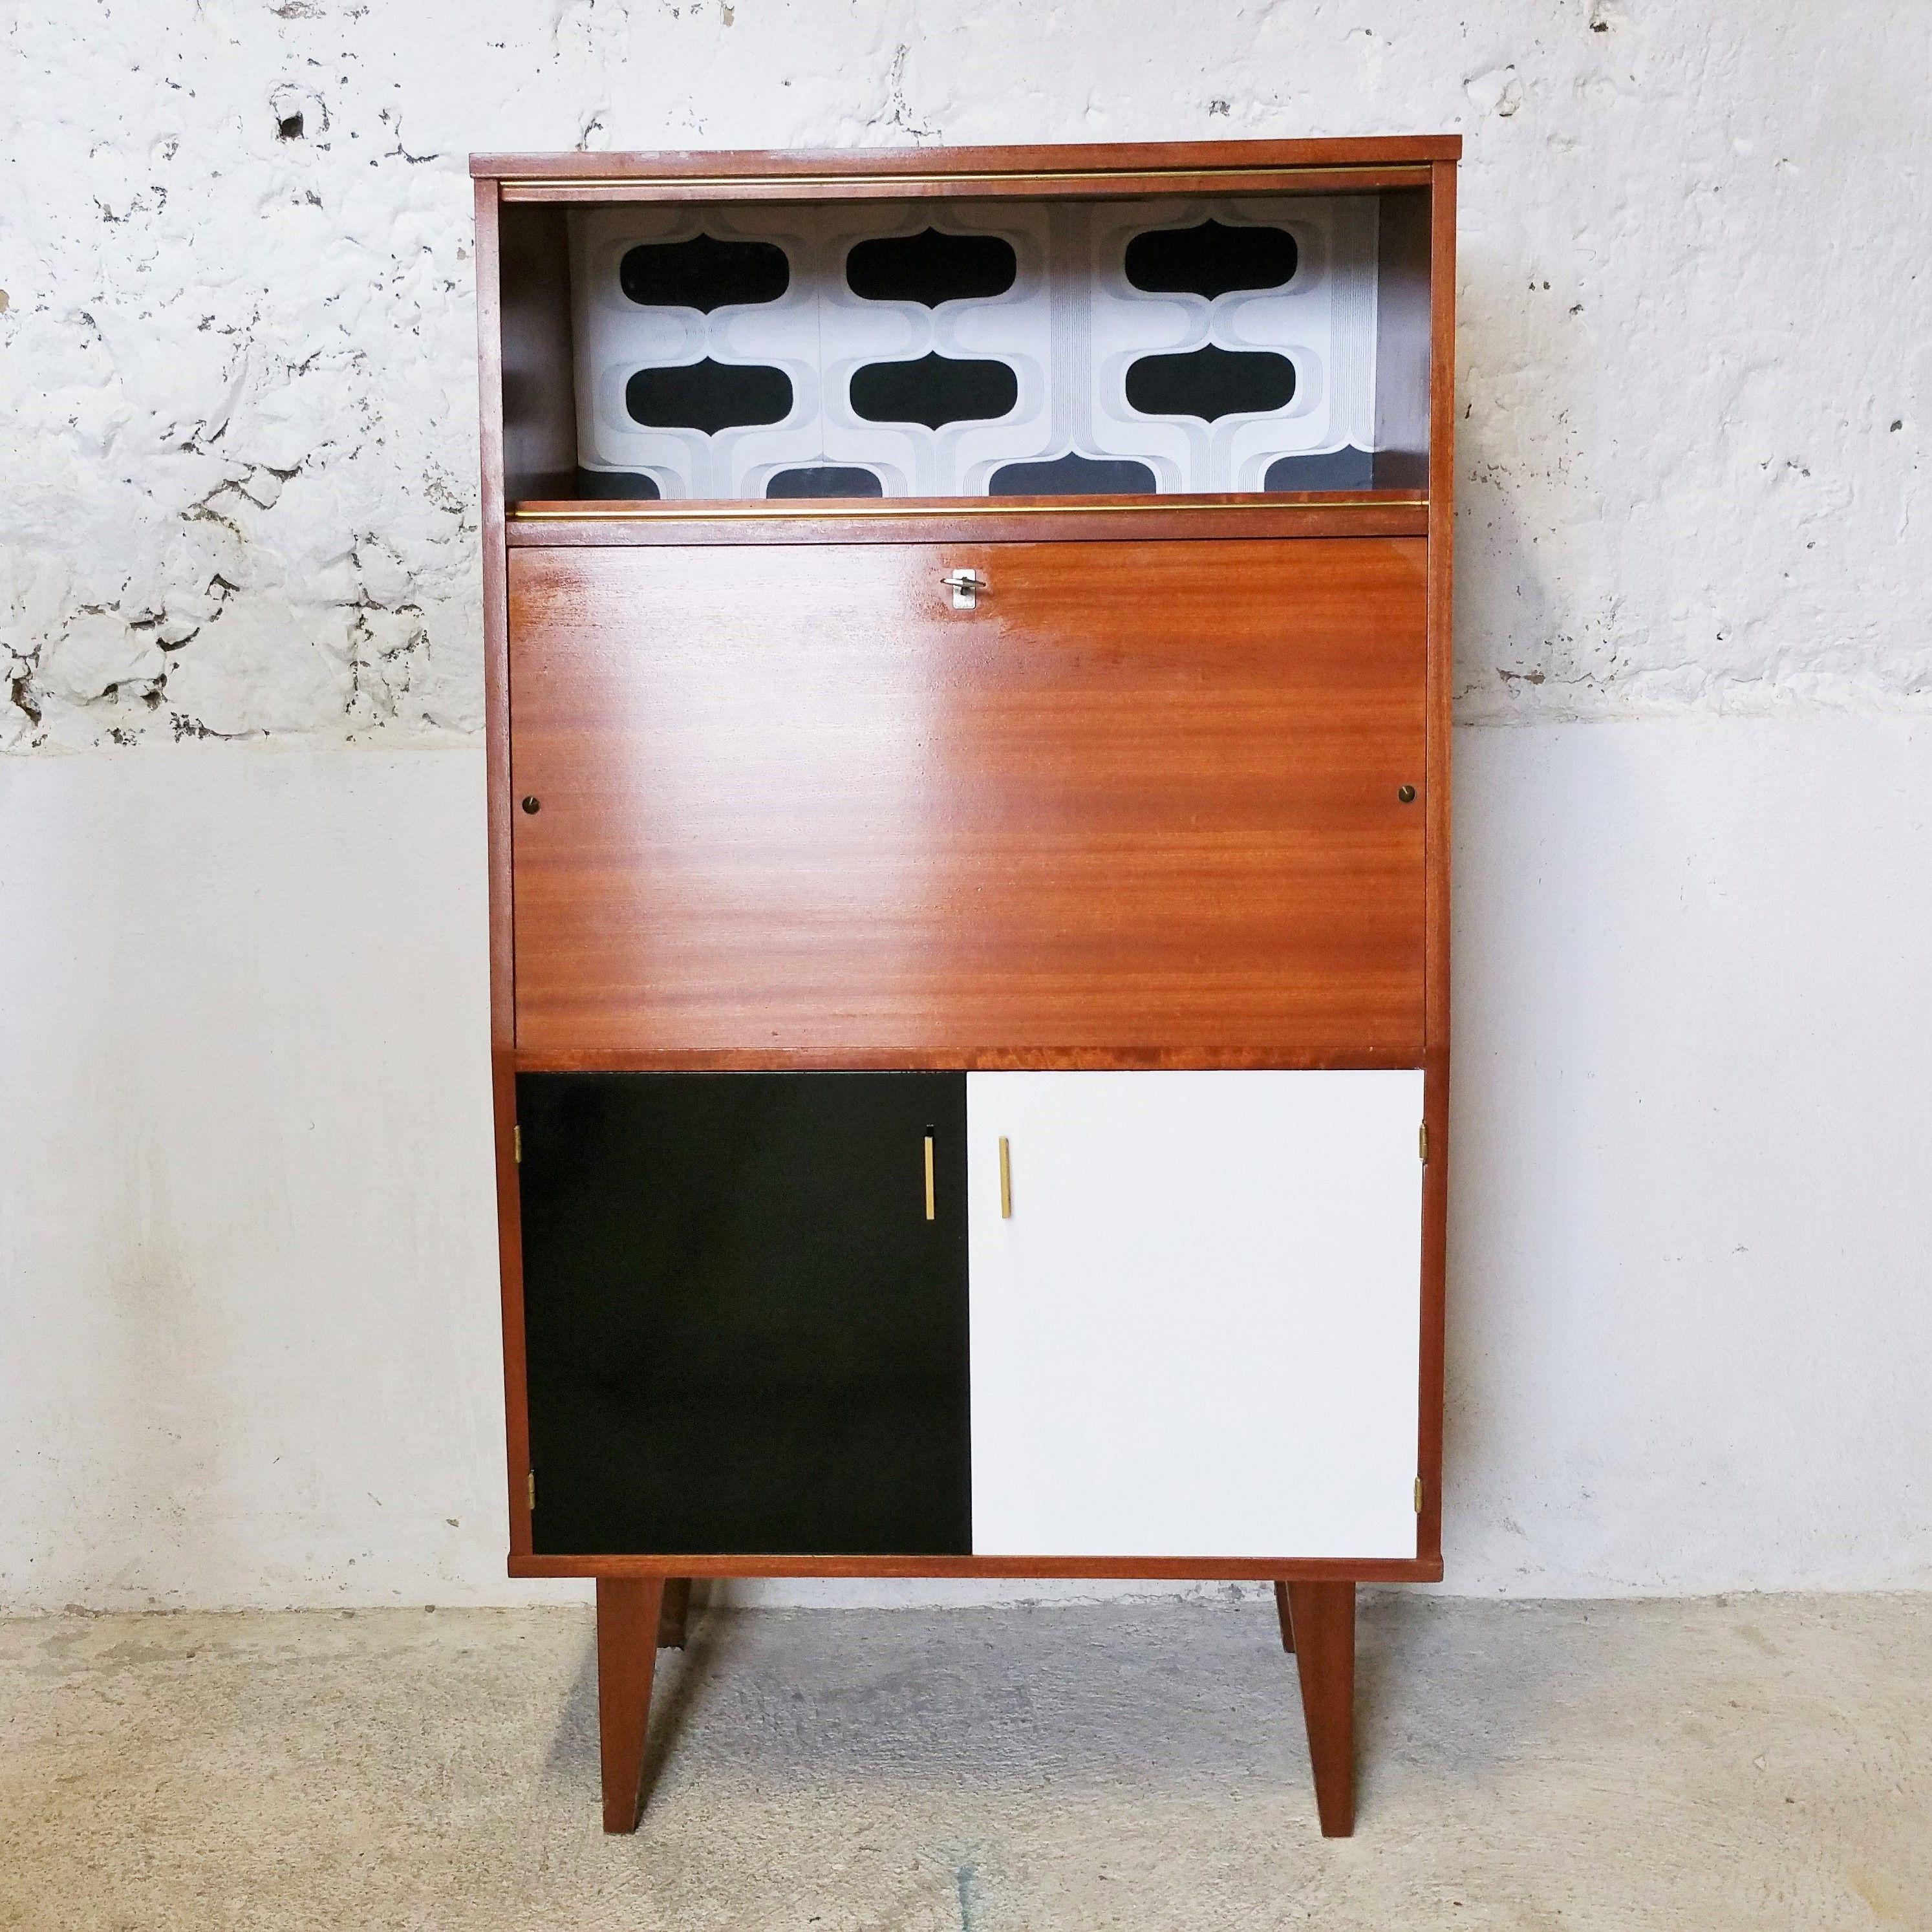 Secrétaire 1970 noir/ blanc / fibresendeco - vannerie artisanale & mobilier vintage